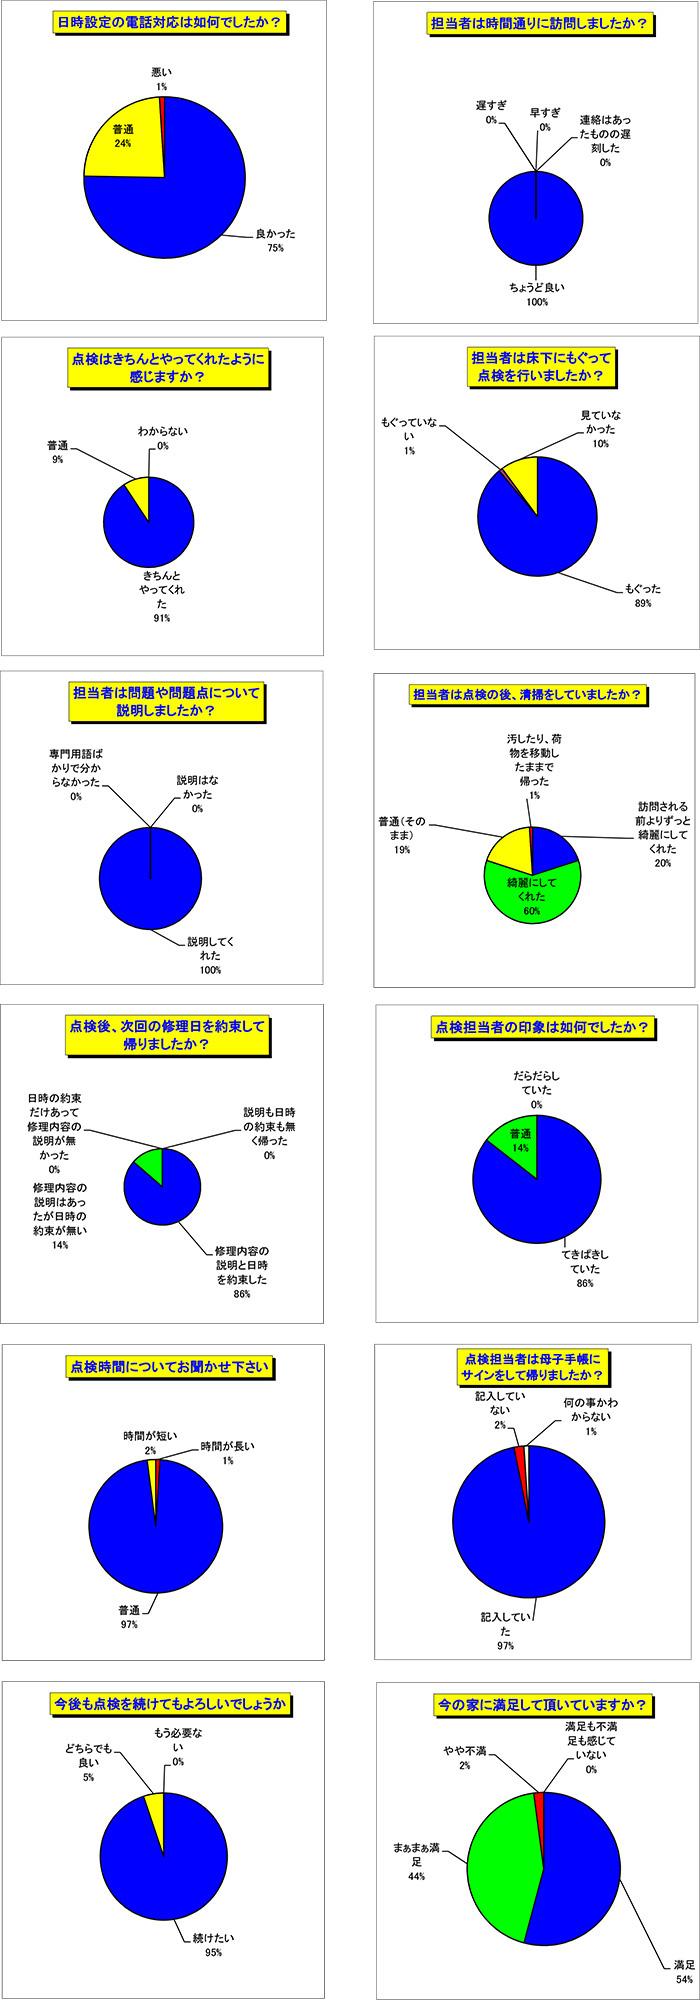 アンケート基礎項目グラフ